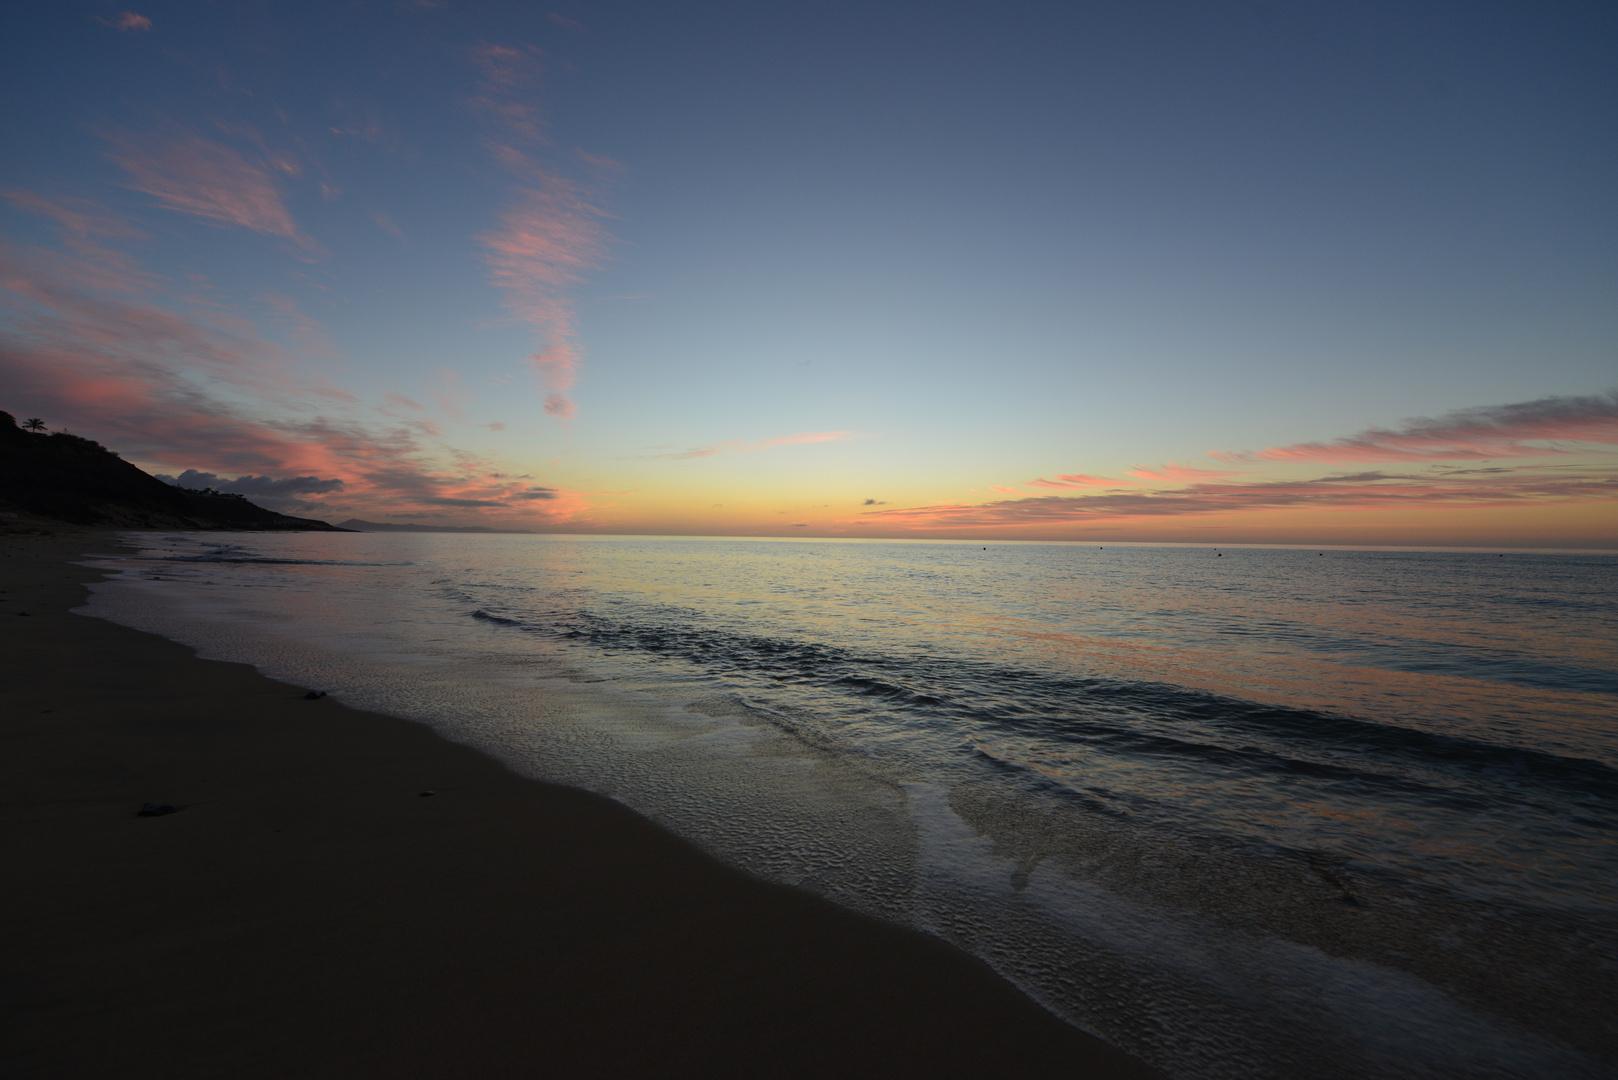 Sunrise at Fuerte Venture